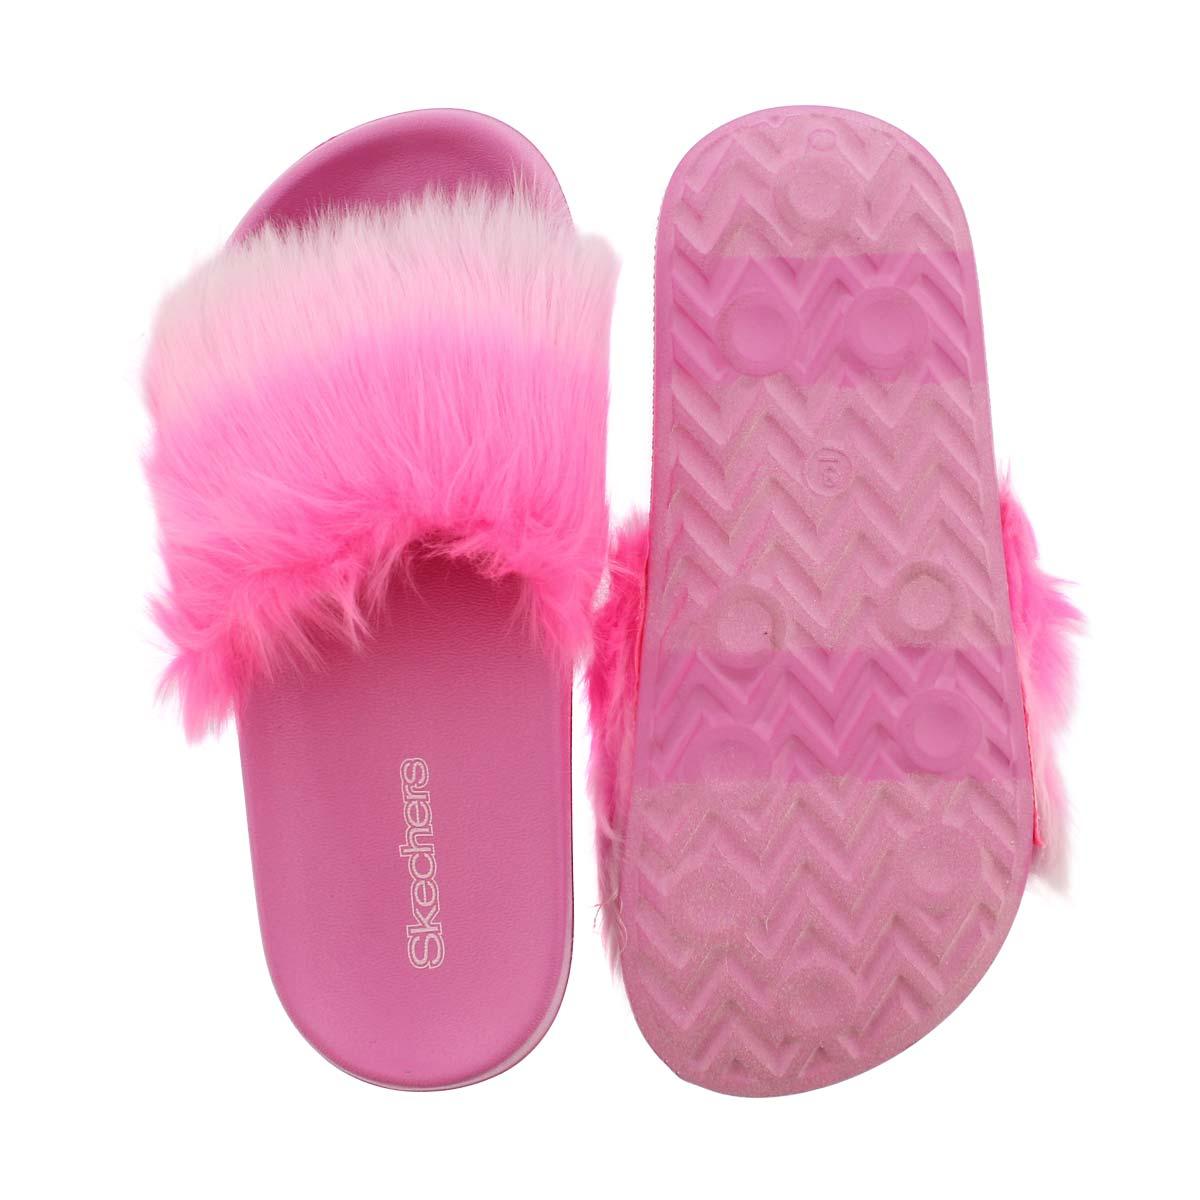 Grls TBA hot pnk ombre fur slide sandal